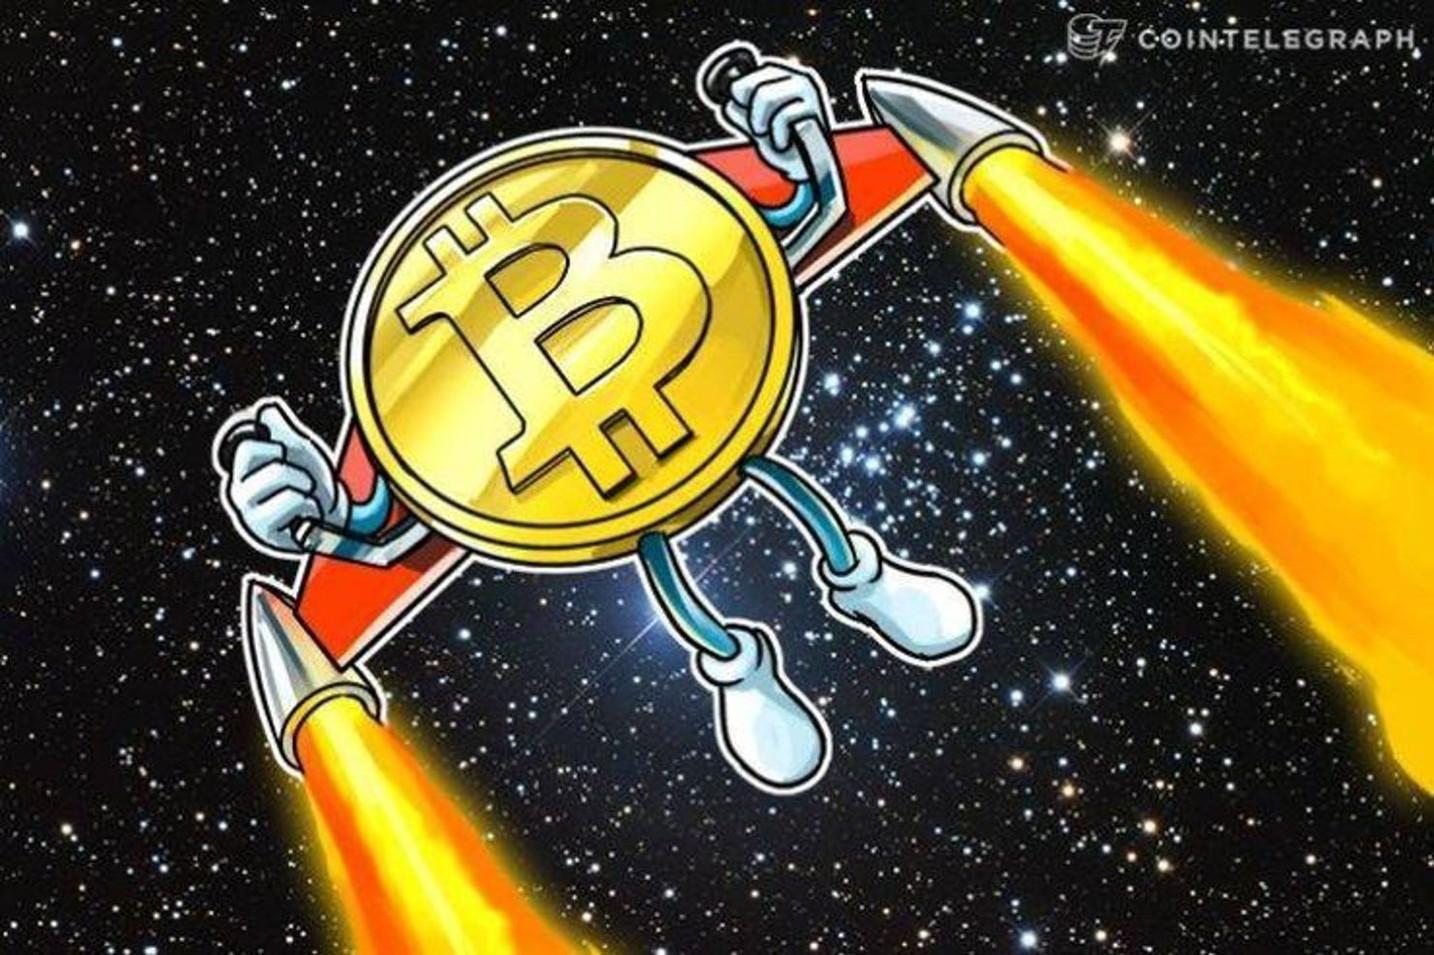 仮想通貨ビットコインは4回目のパラボリックフェーズか、米ベテランアナリストが指摘